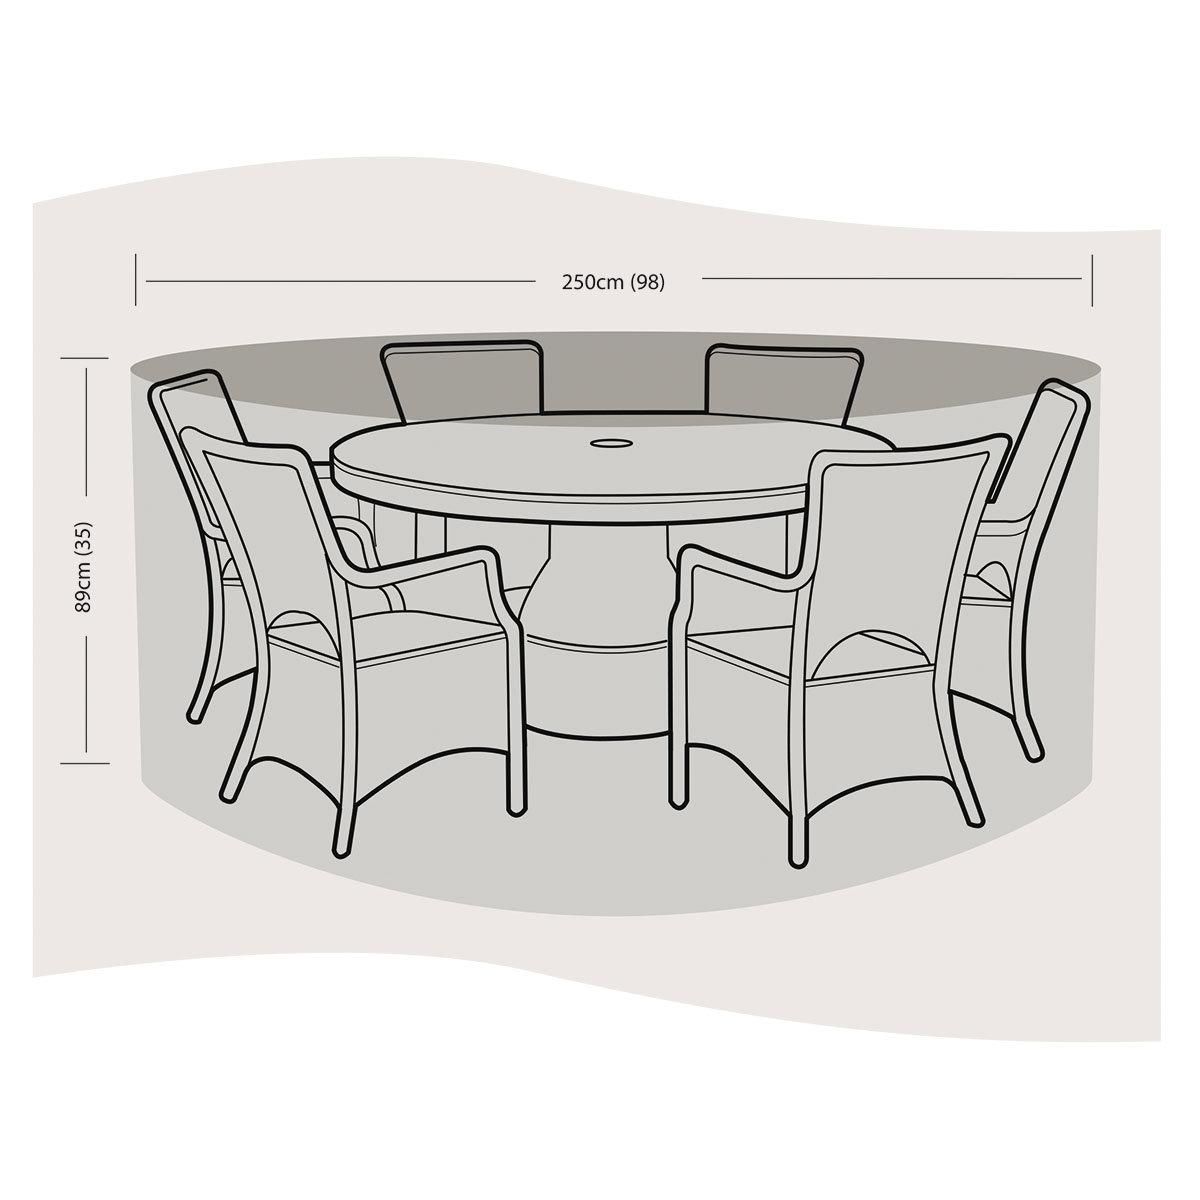 Schutzhülle für Sitzgruppe groß, rund